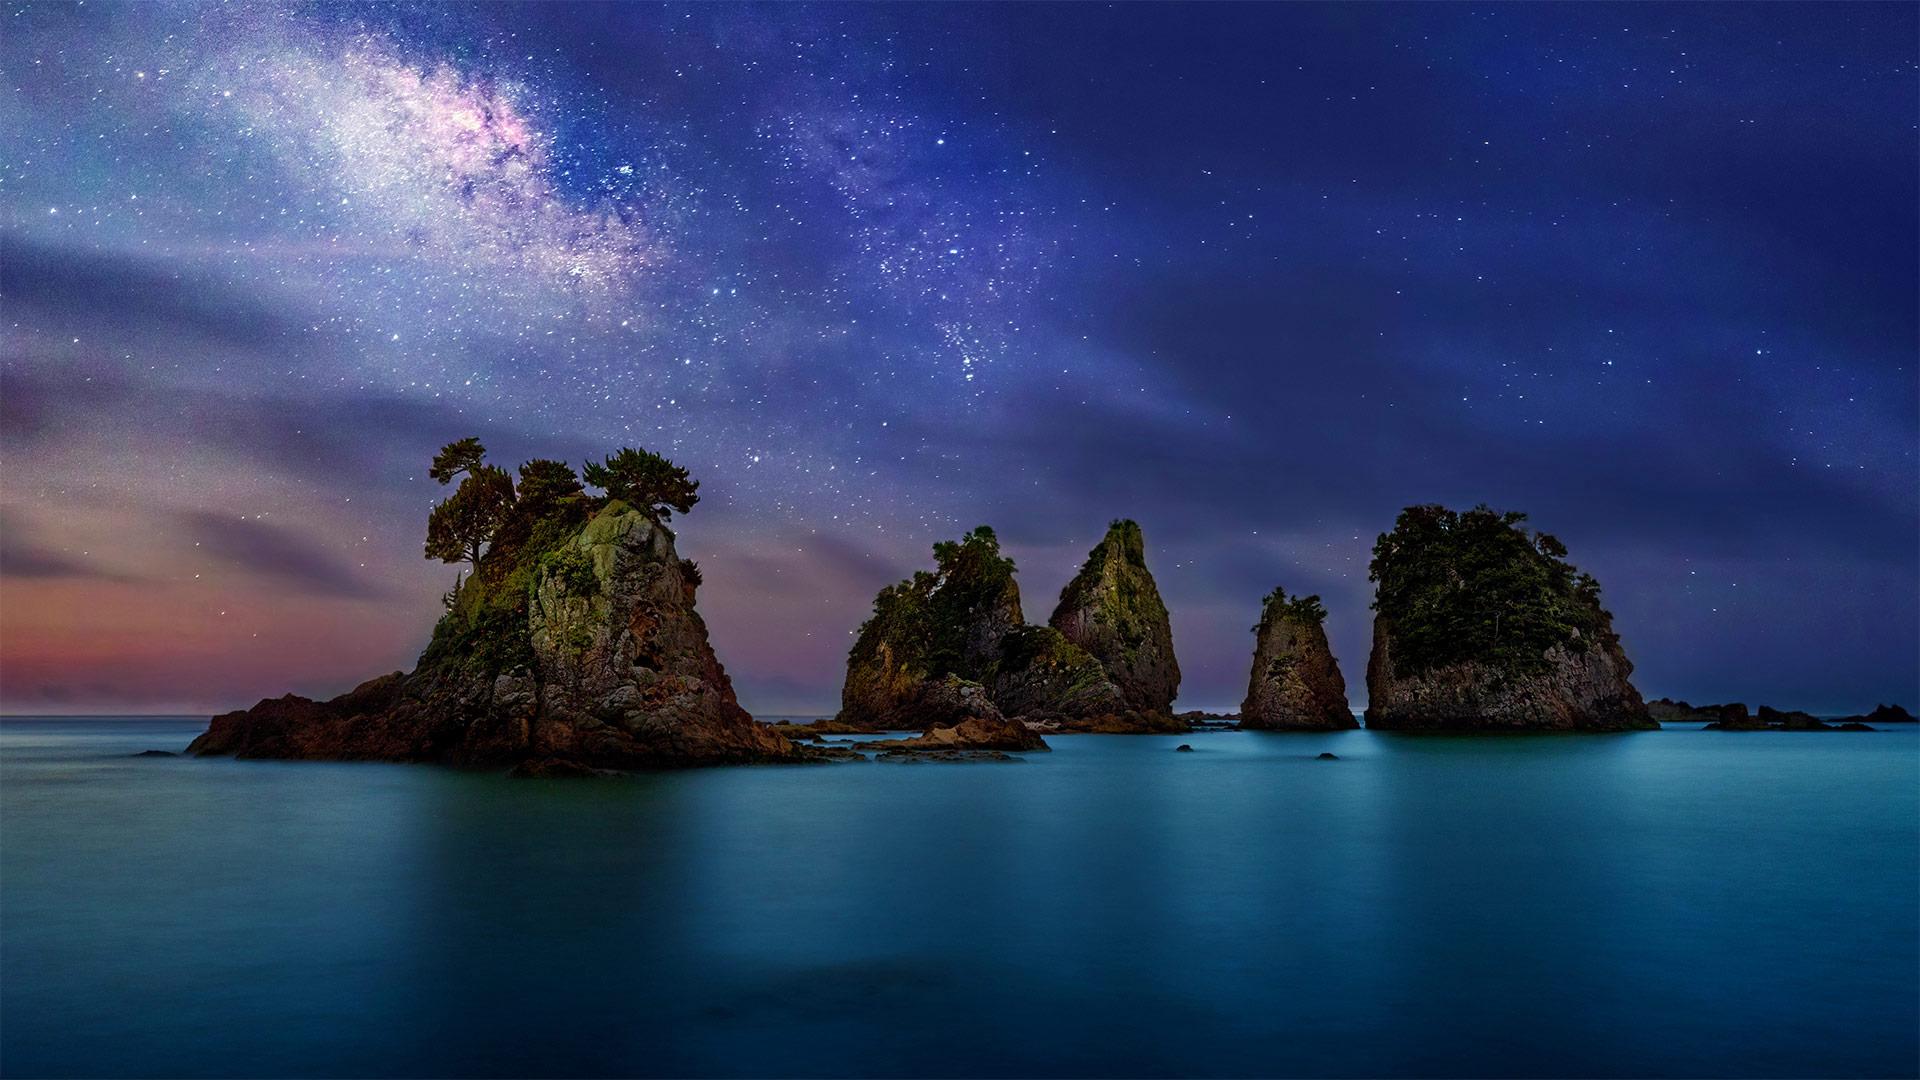 Minokake-Iwa rocks, Izu Peninsula, Japan (? Krzysztof Baranowski/Getty Images)